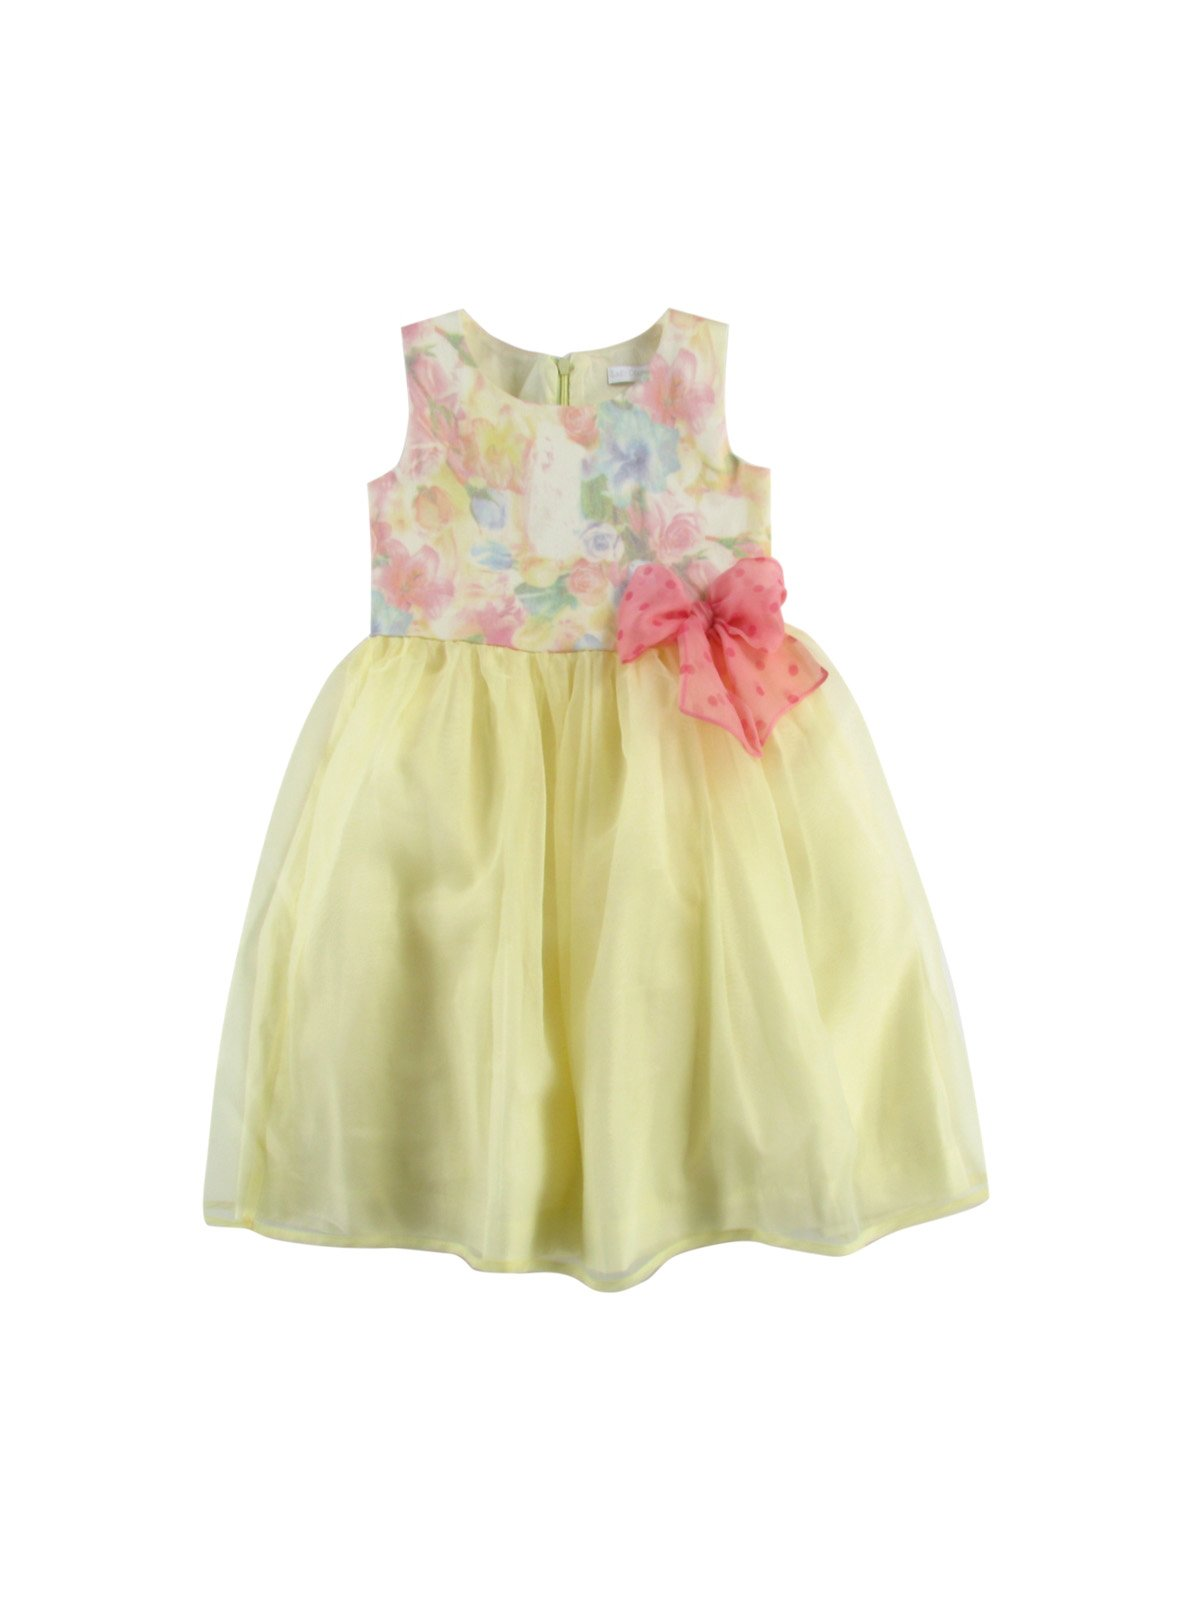 Платье желтое с цветочным принтом | 2287553